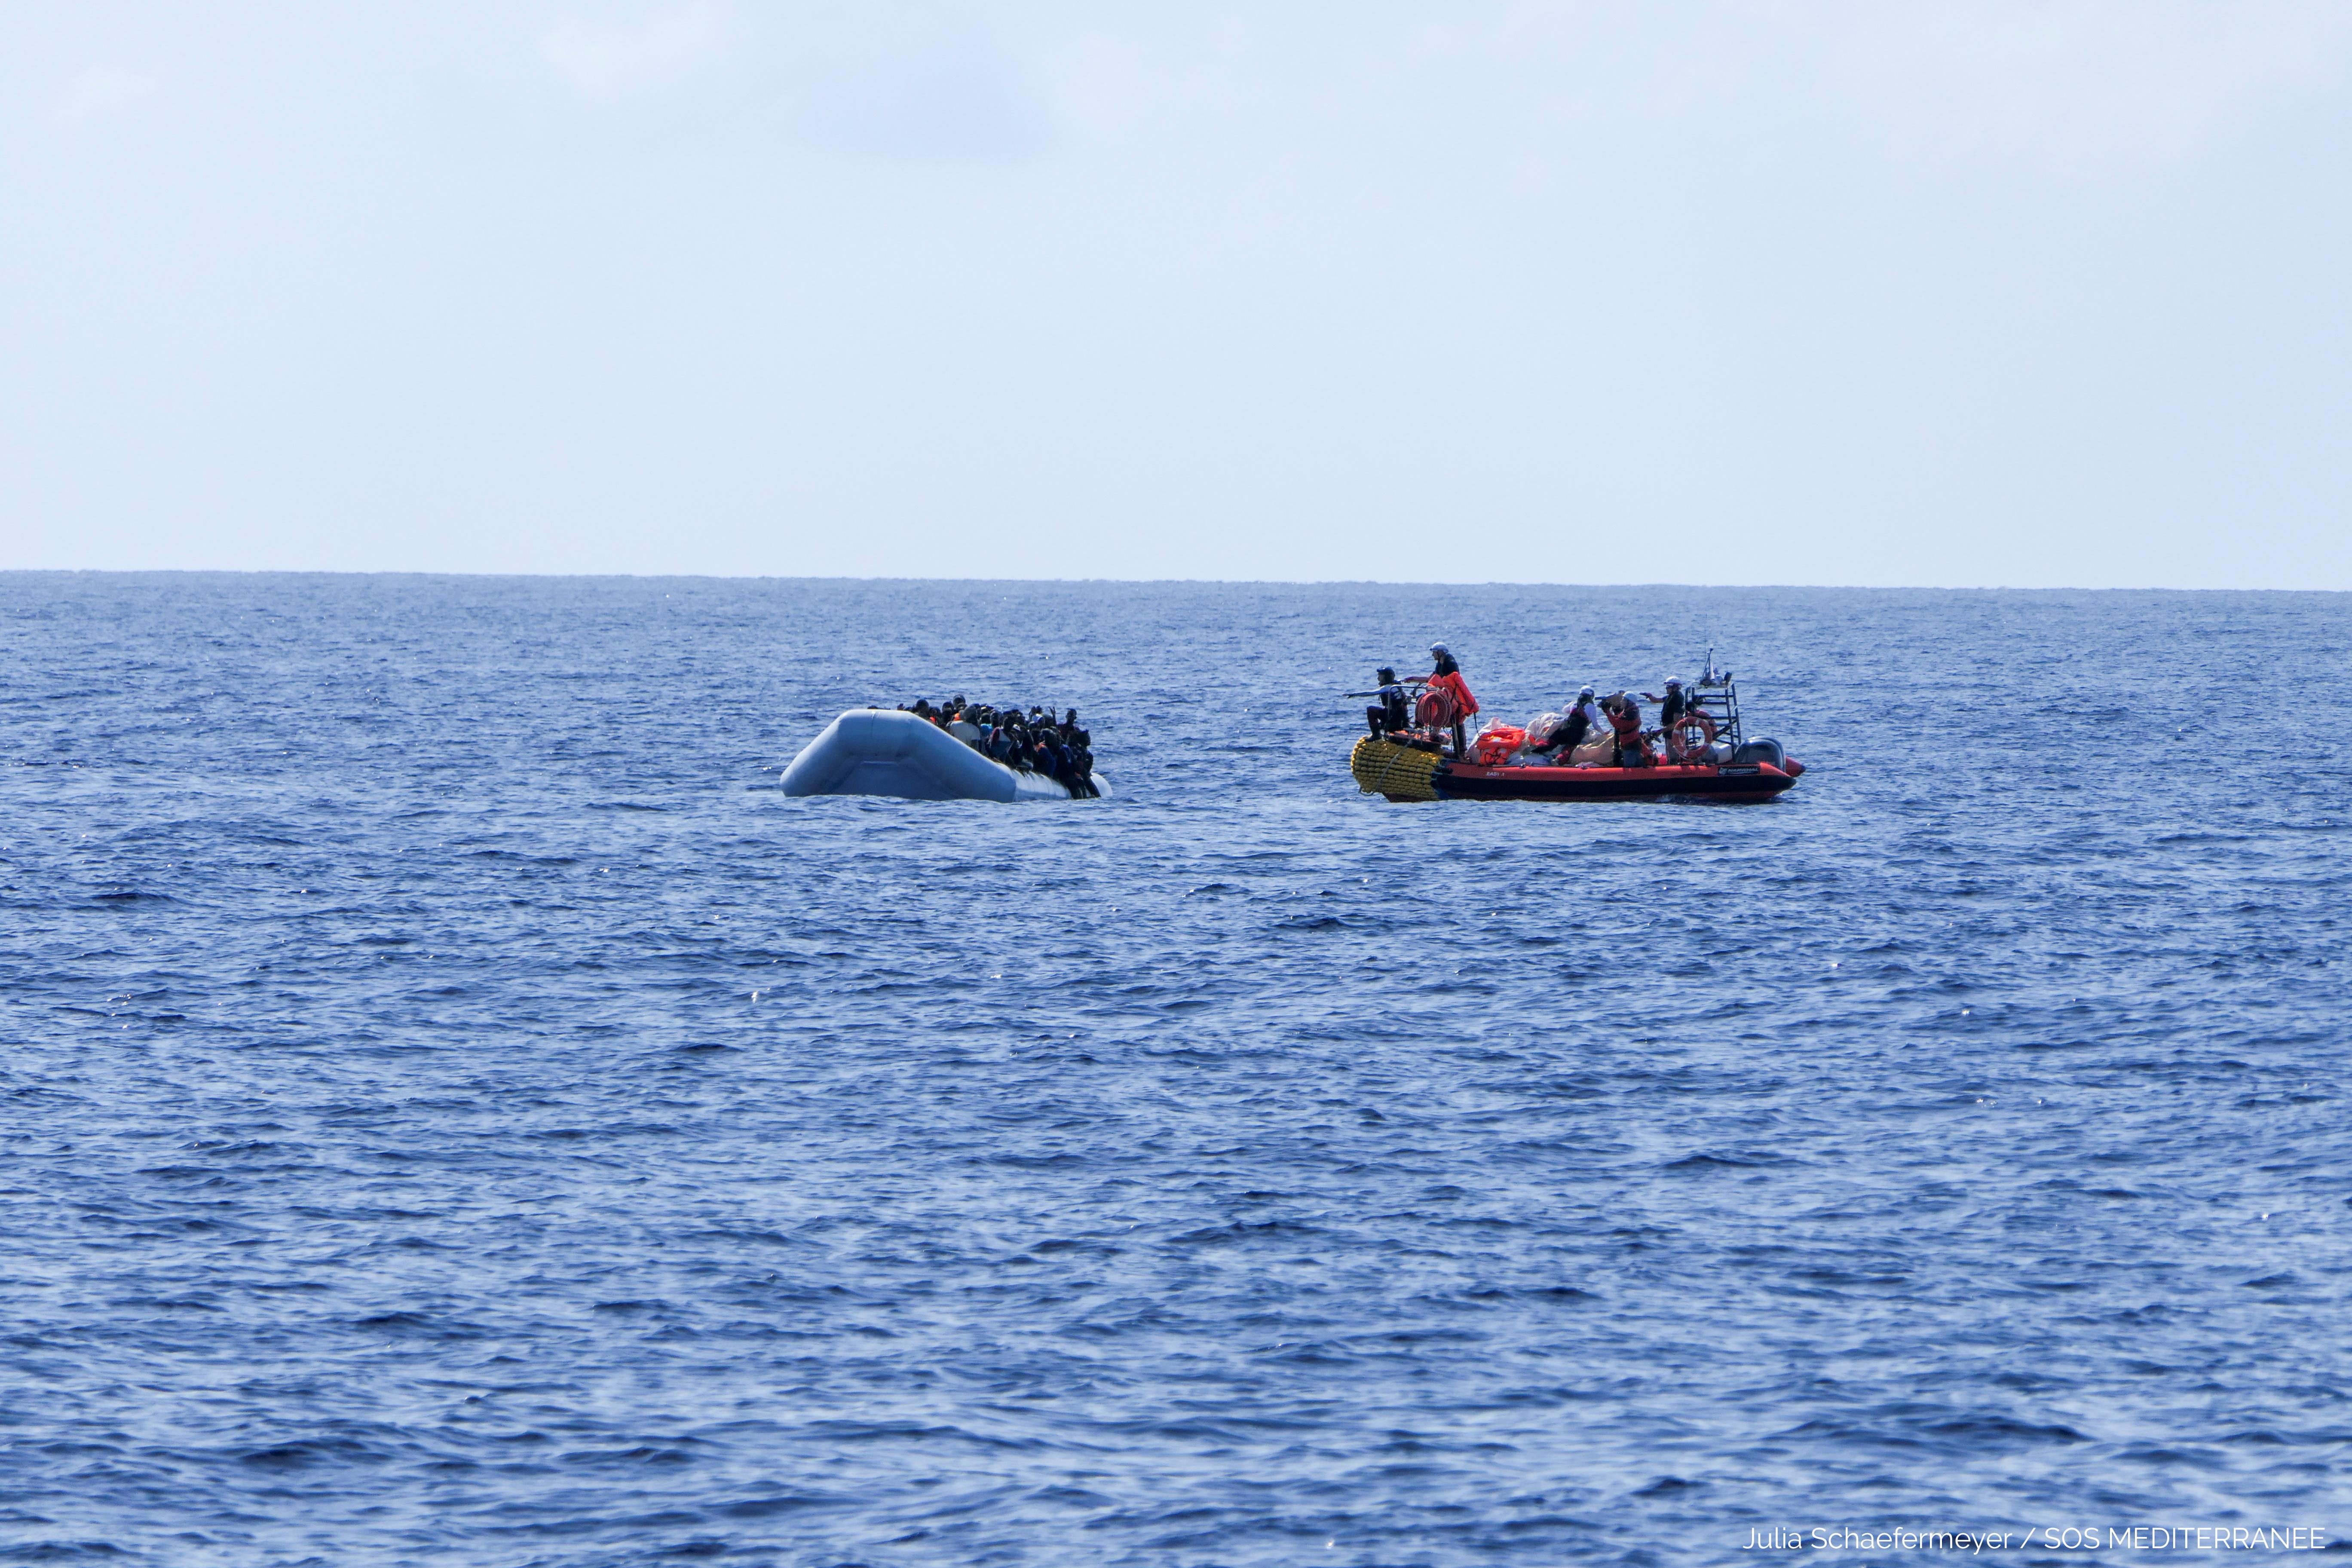 Αδίστακτοι! Πέταξαν μετανάστες στη θάλασσα και τους εγκατέλειψαν – 8 νεκροί